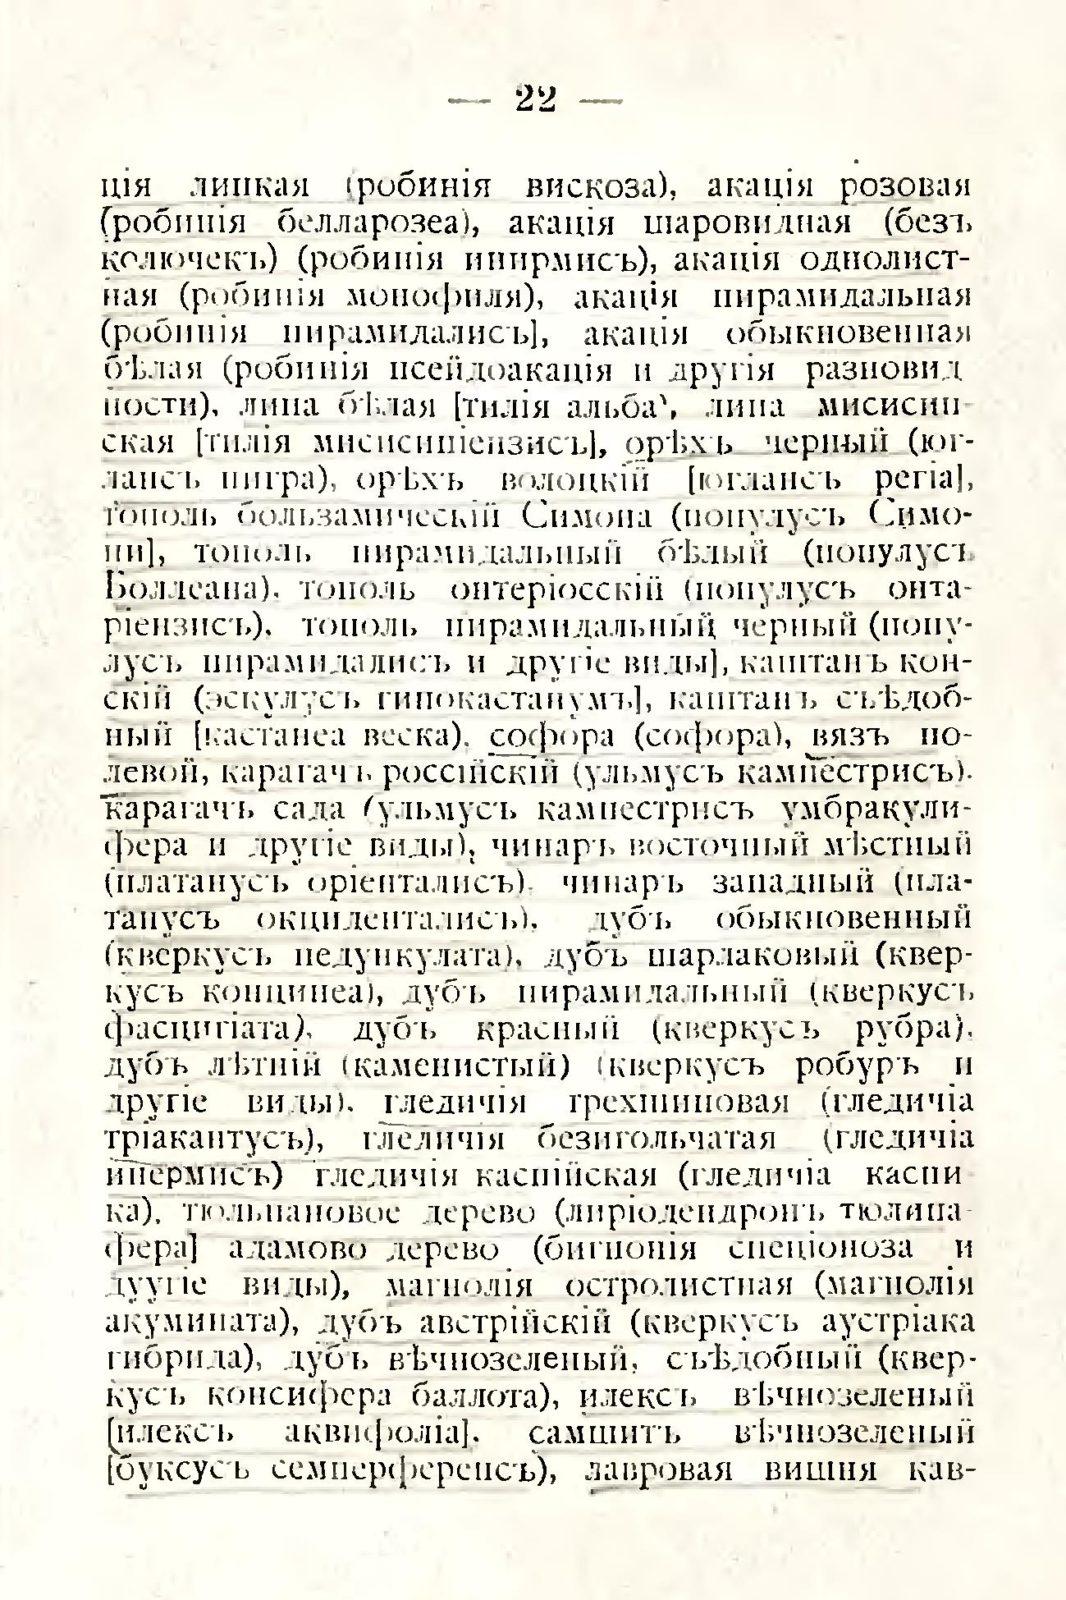 sbornik_obyazatelnyh_postanovlenii_tashkentskoi_gorodskoi_du_26